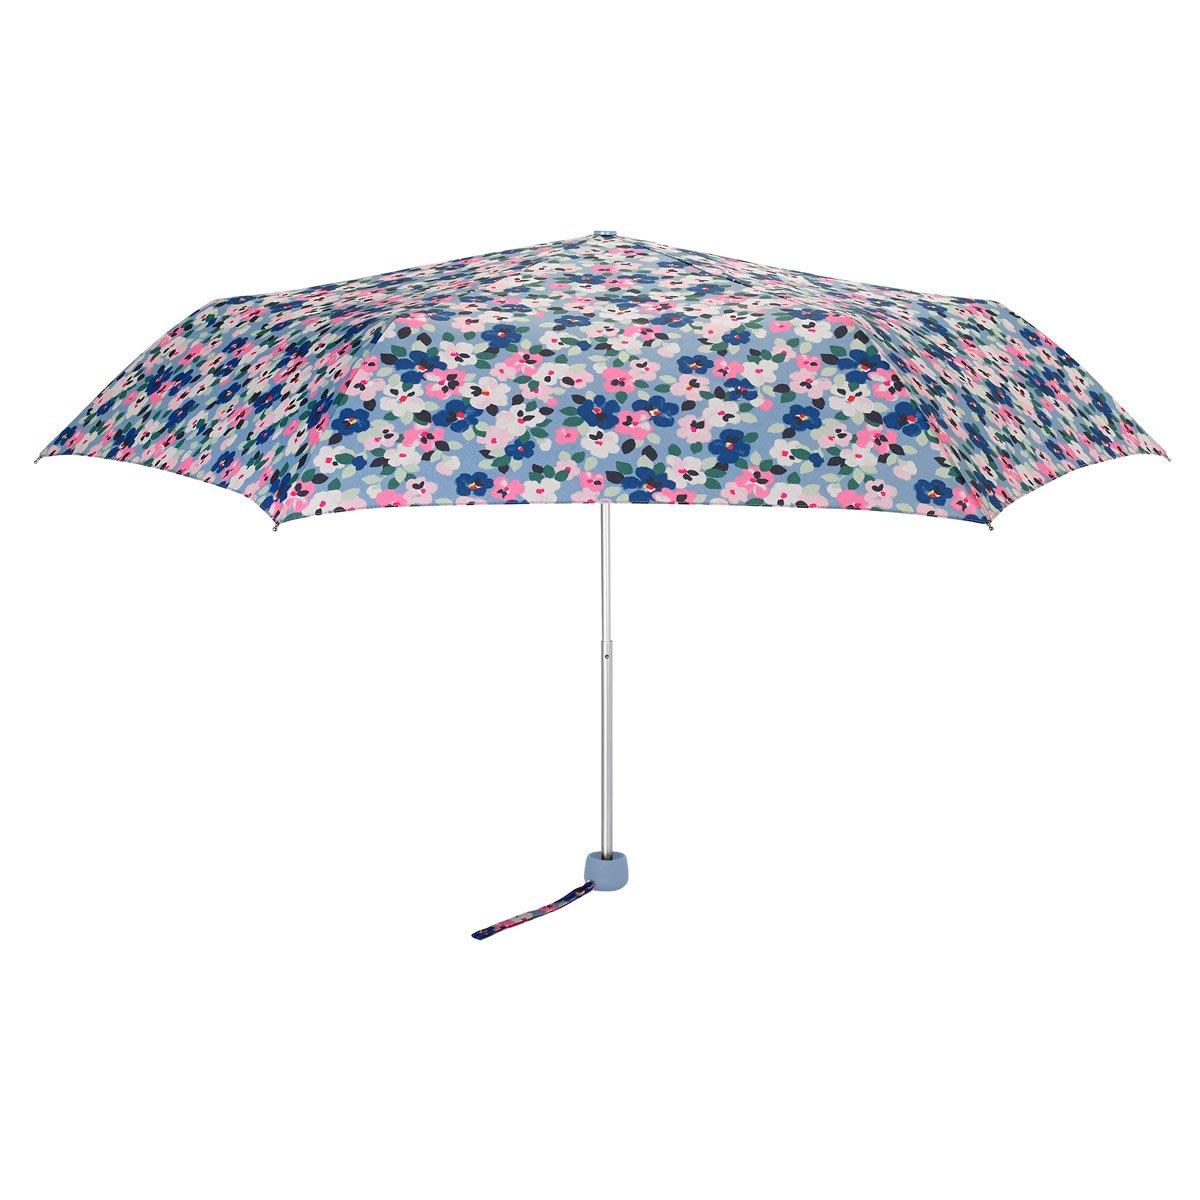 任選2款9折優惠【現貨】英國 Cath Kidston  雨傘 兩款